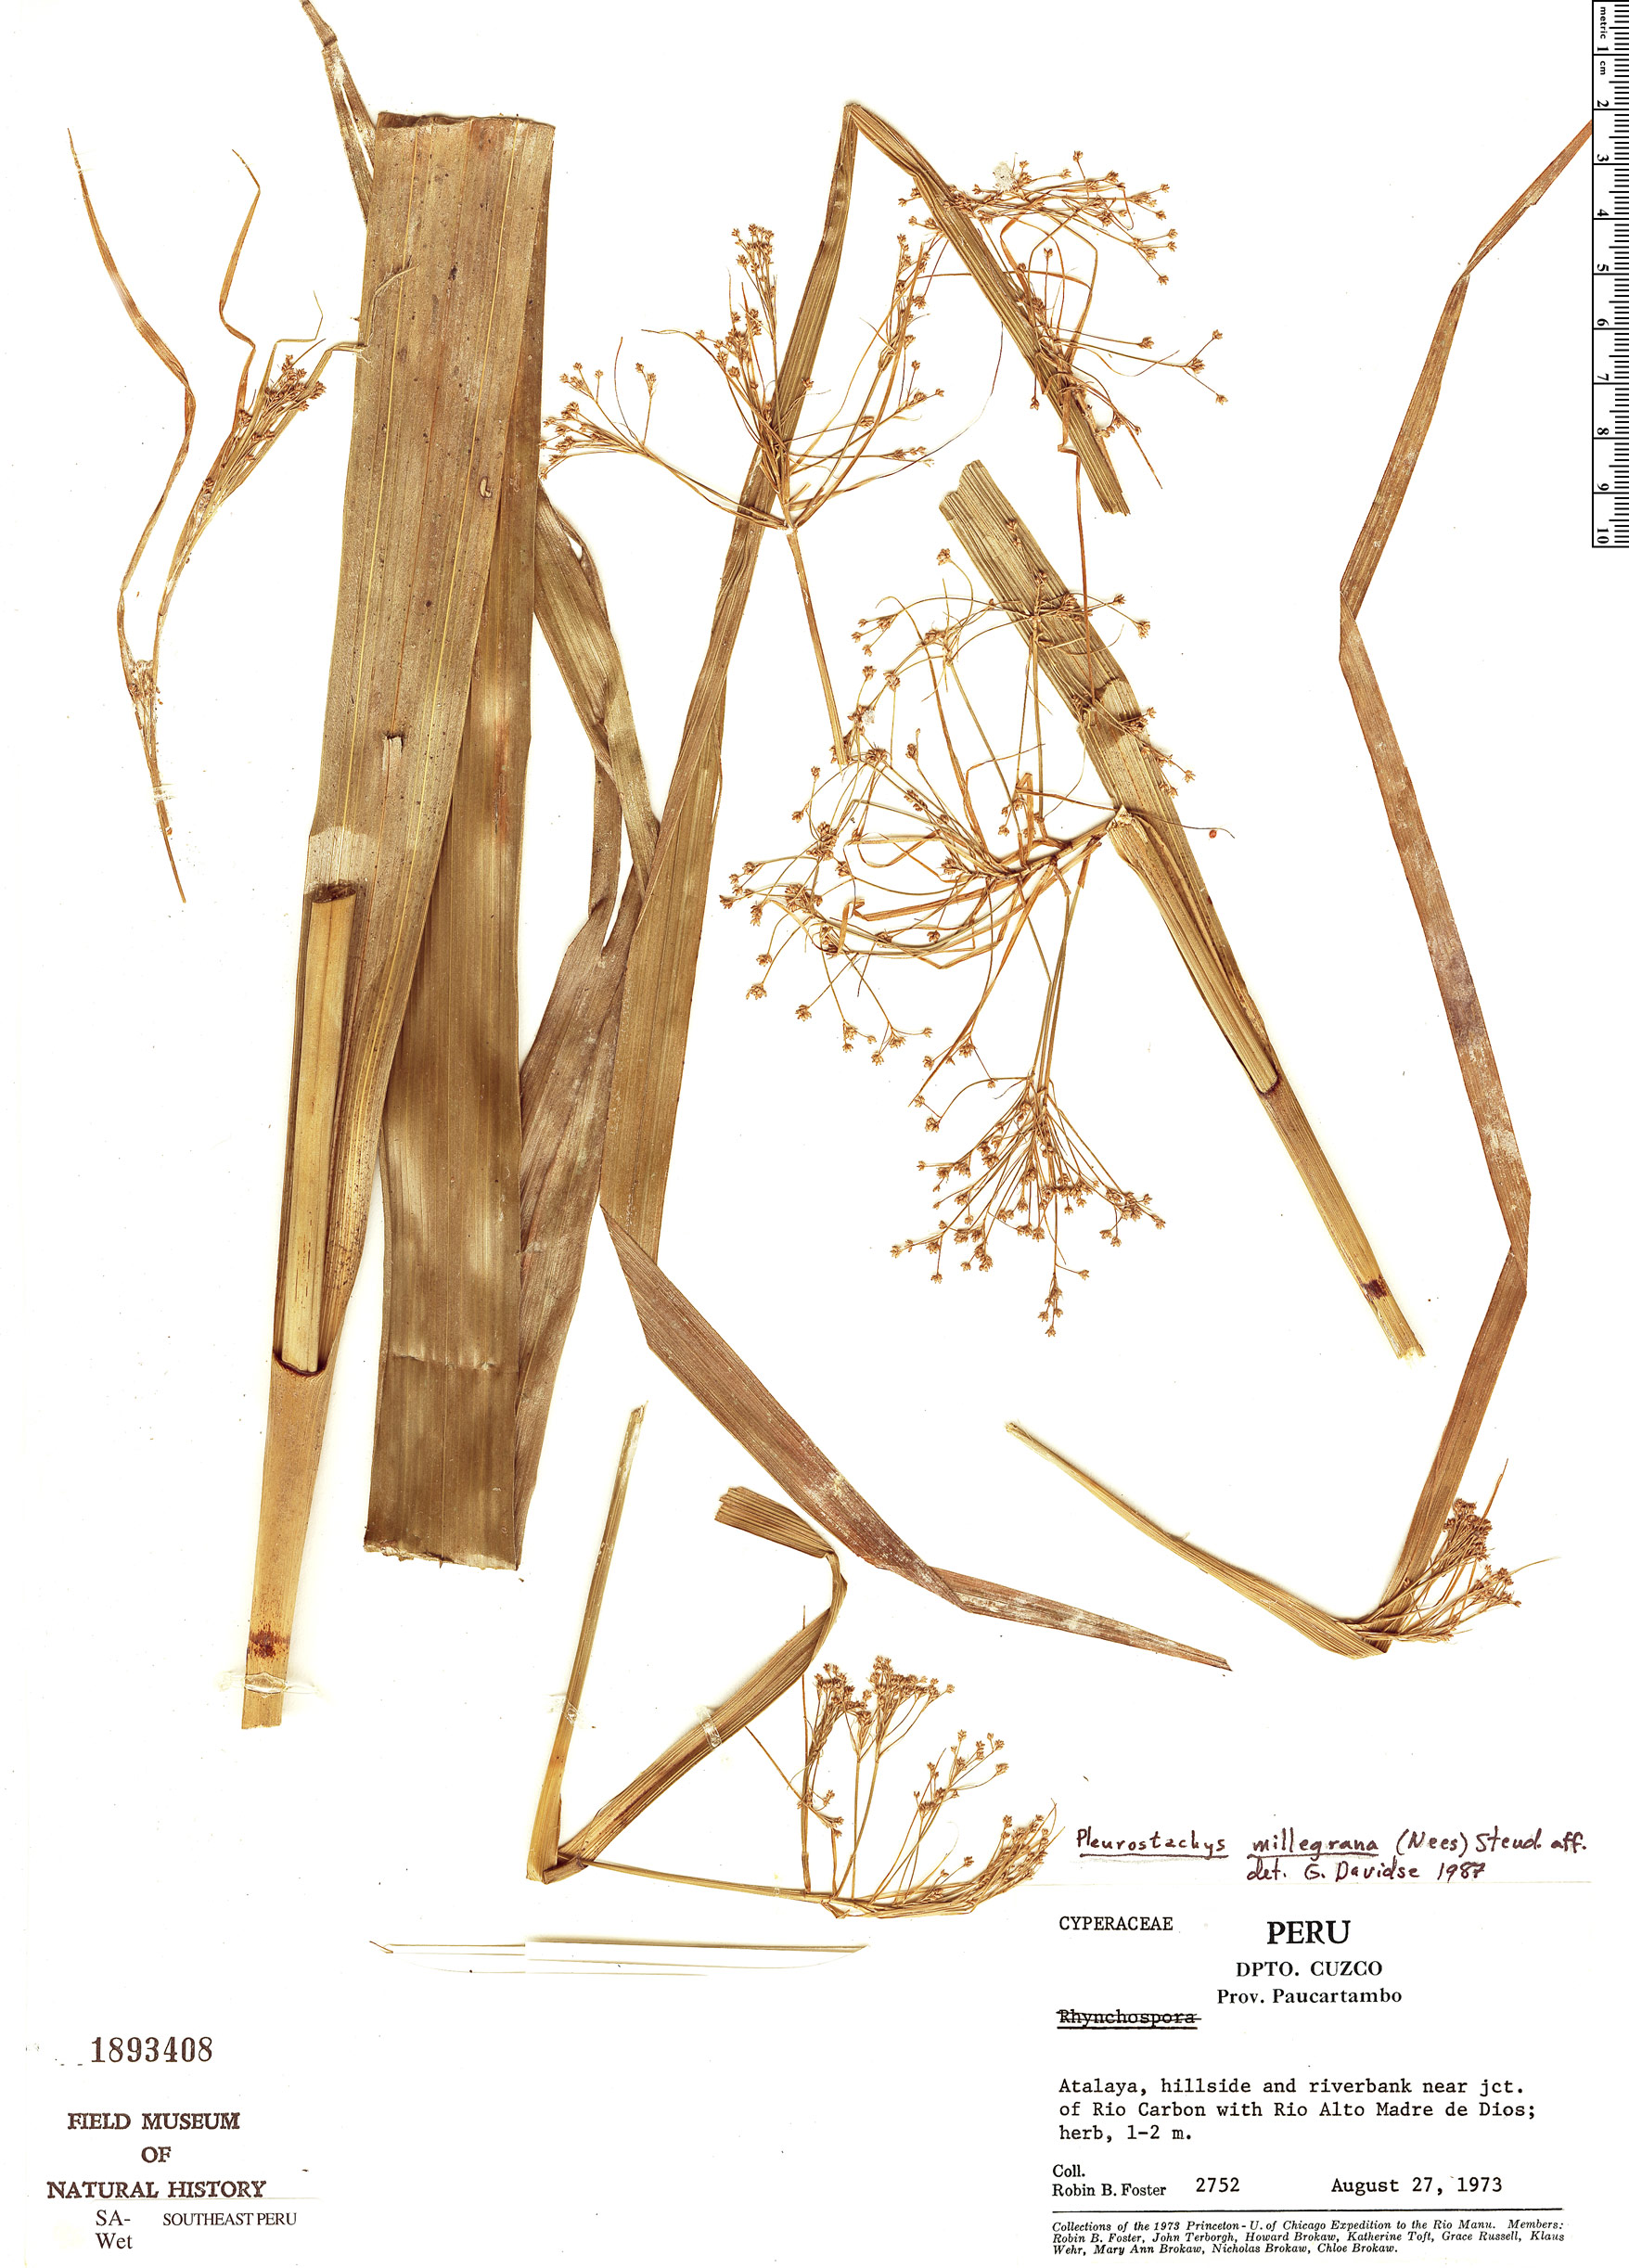 Specimen: Pleurostachys millegrana